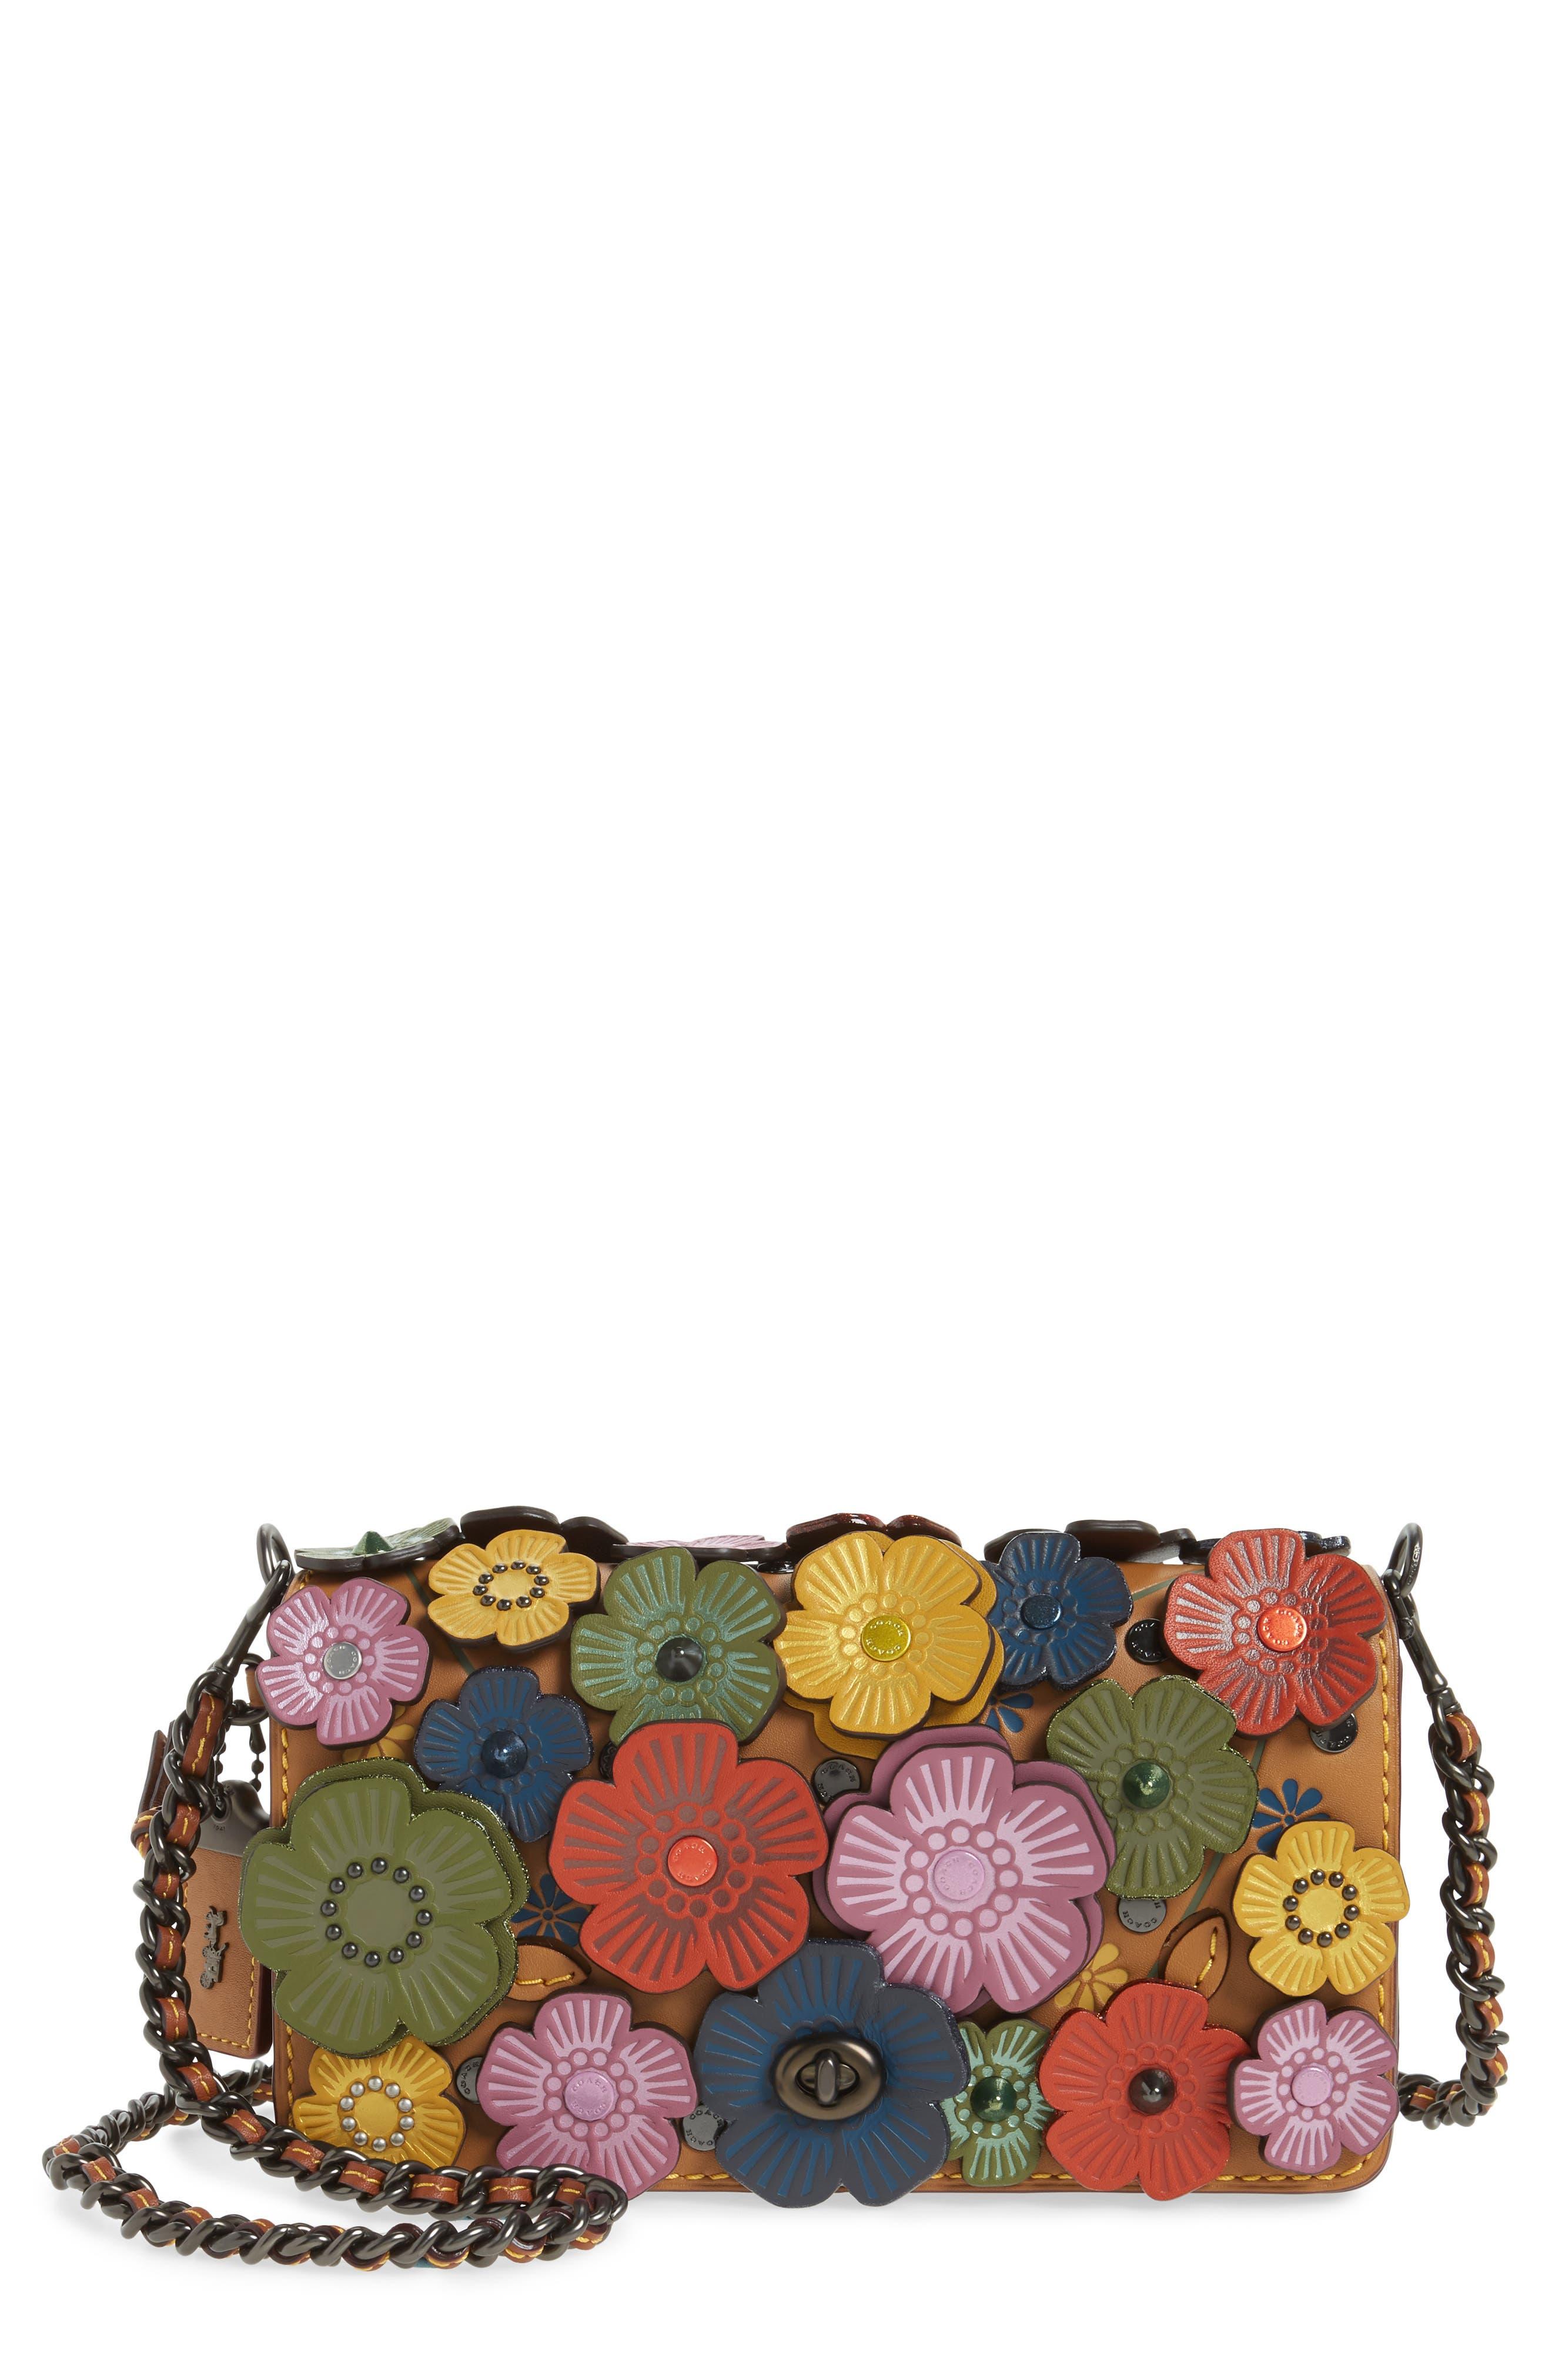 'Dinky' Flower Appliqué Leather Crossbody Bag,                             Main thumbnail 1, color,                             Rainbow